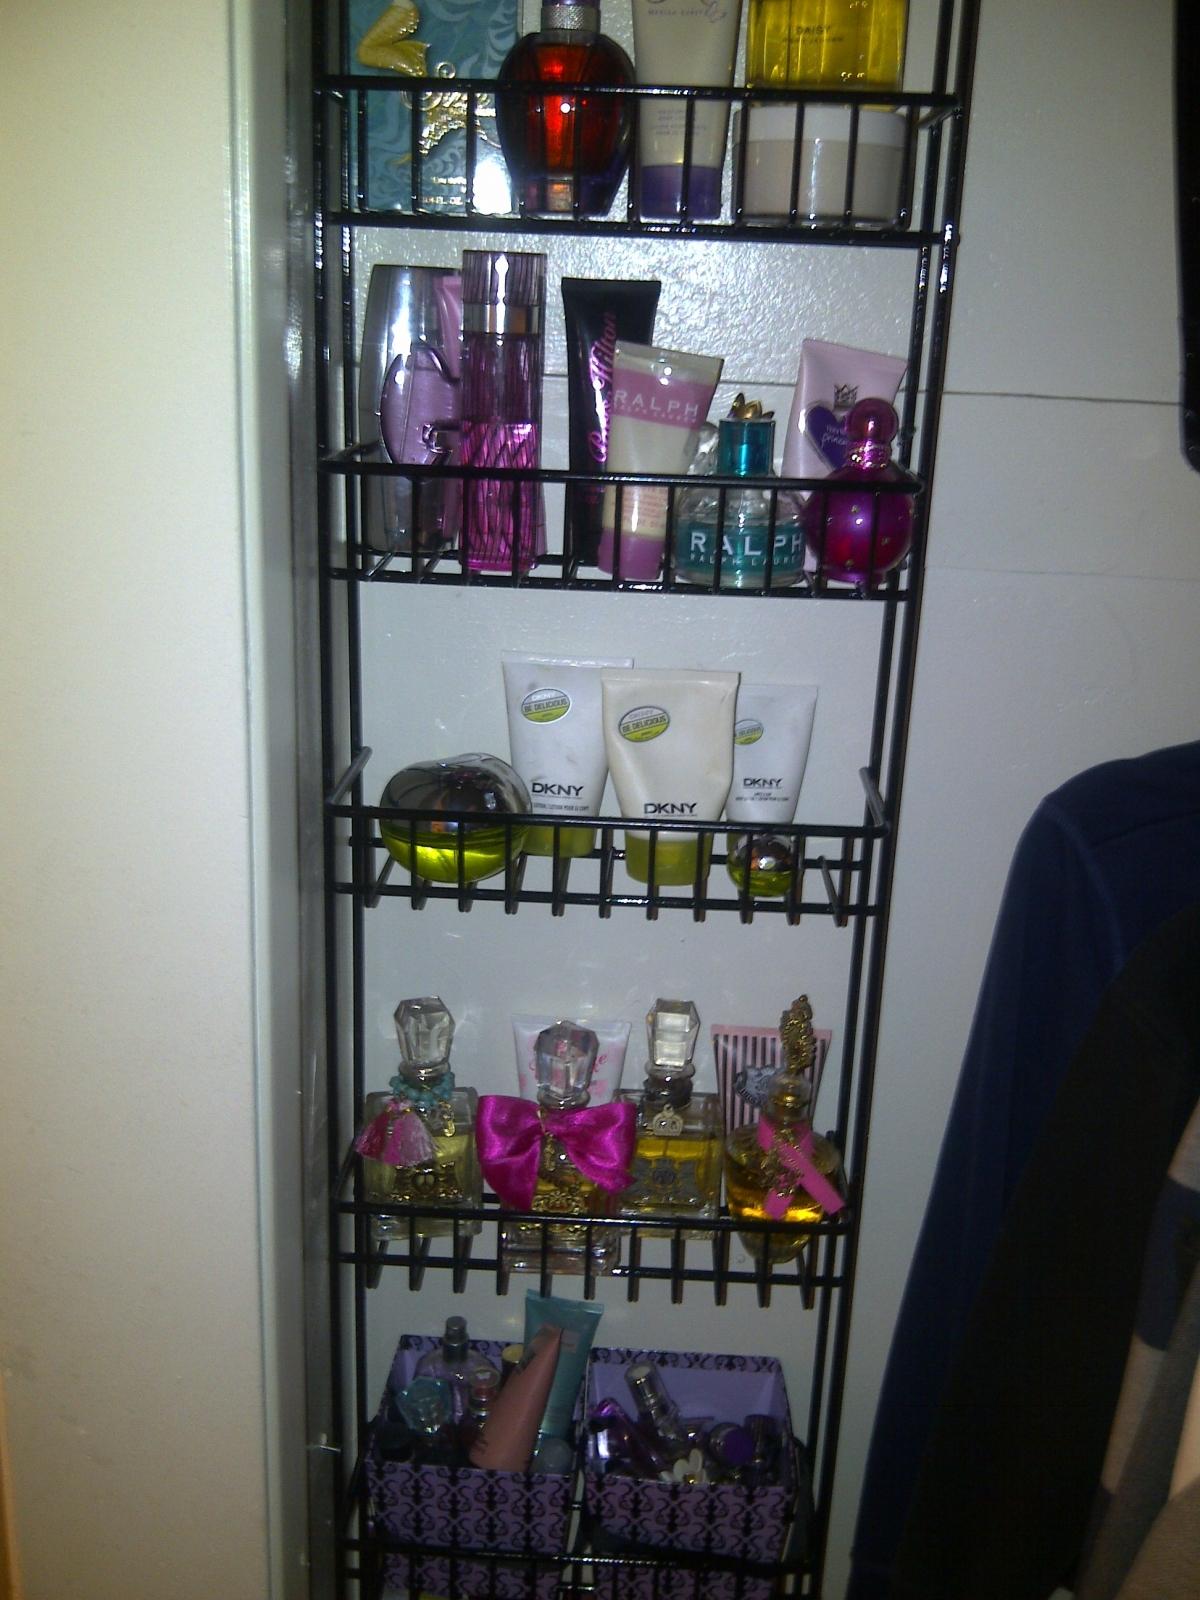 Ikea 2012 Catalog Tuesday Tip Perfume Storage Tgage Amp Co Lifestyle Management